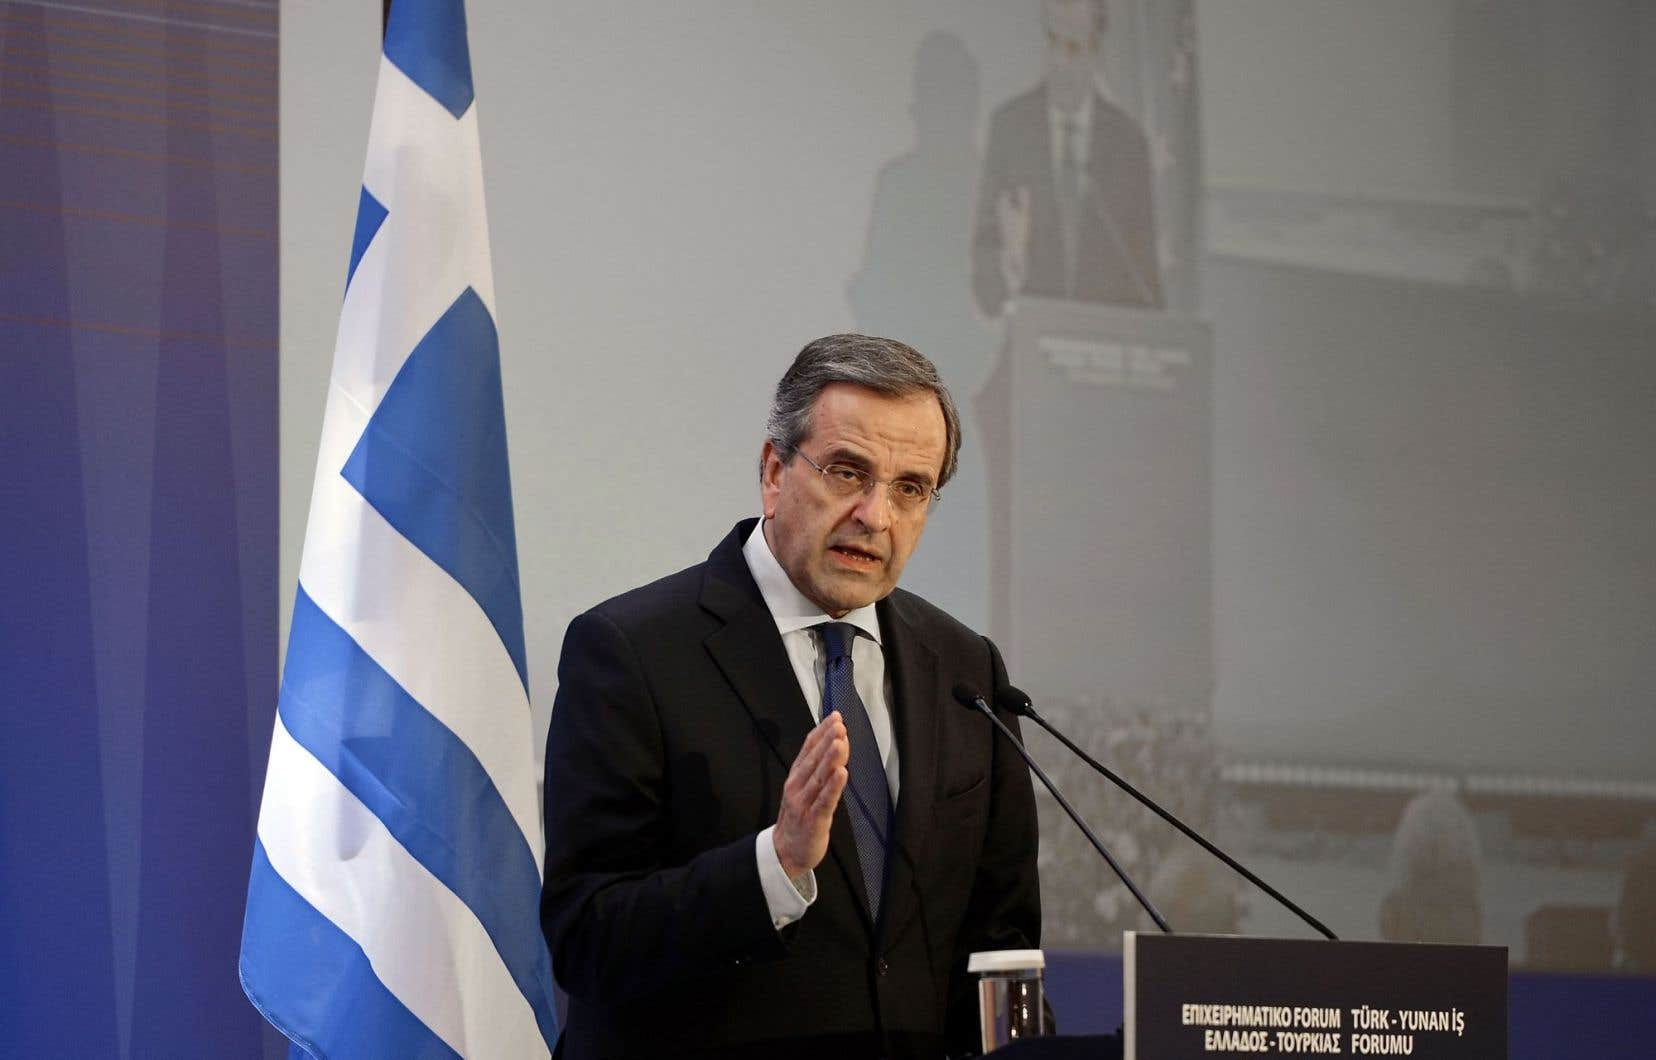 Le premier ministre sortant de la Grèce, Antonis Samaras, alimente lui-même les inquiétudes en disant que «le maintien du pays dans la zone euro» est l'enjeu principal des élections.